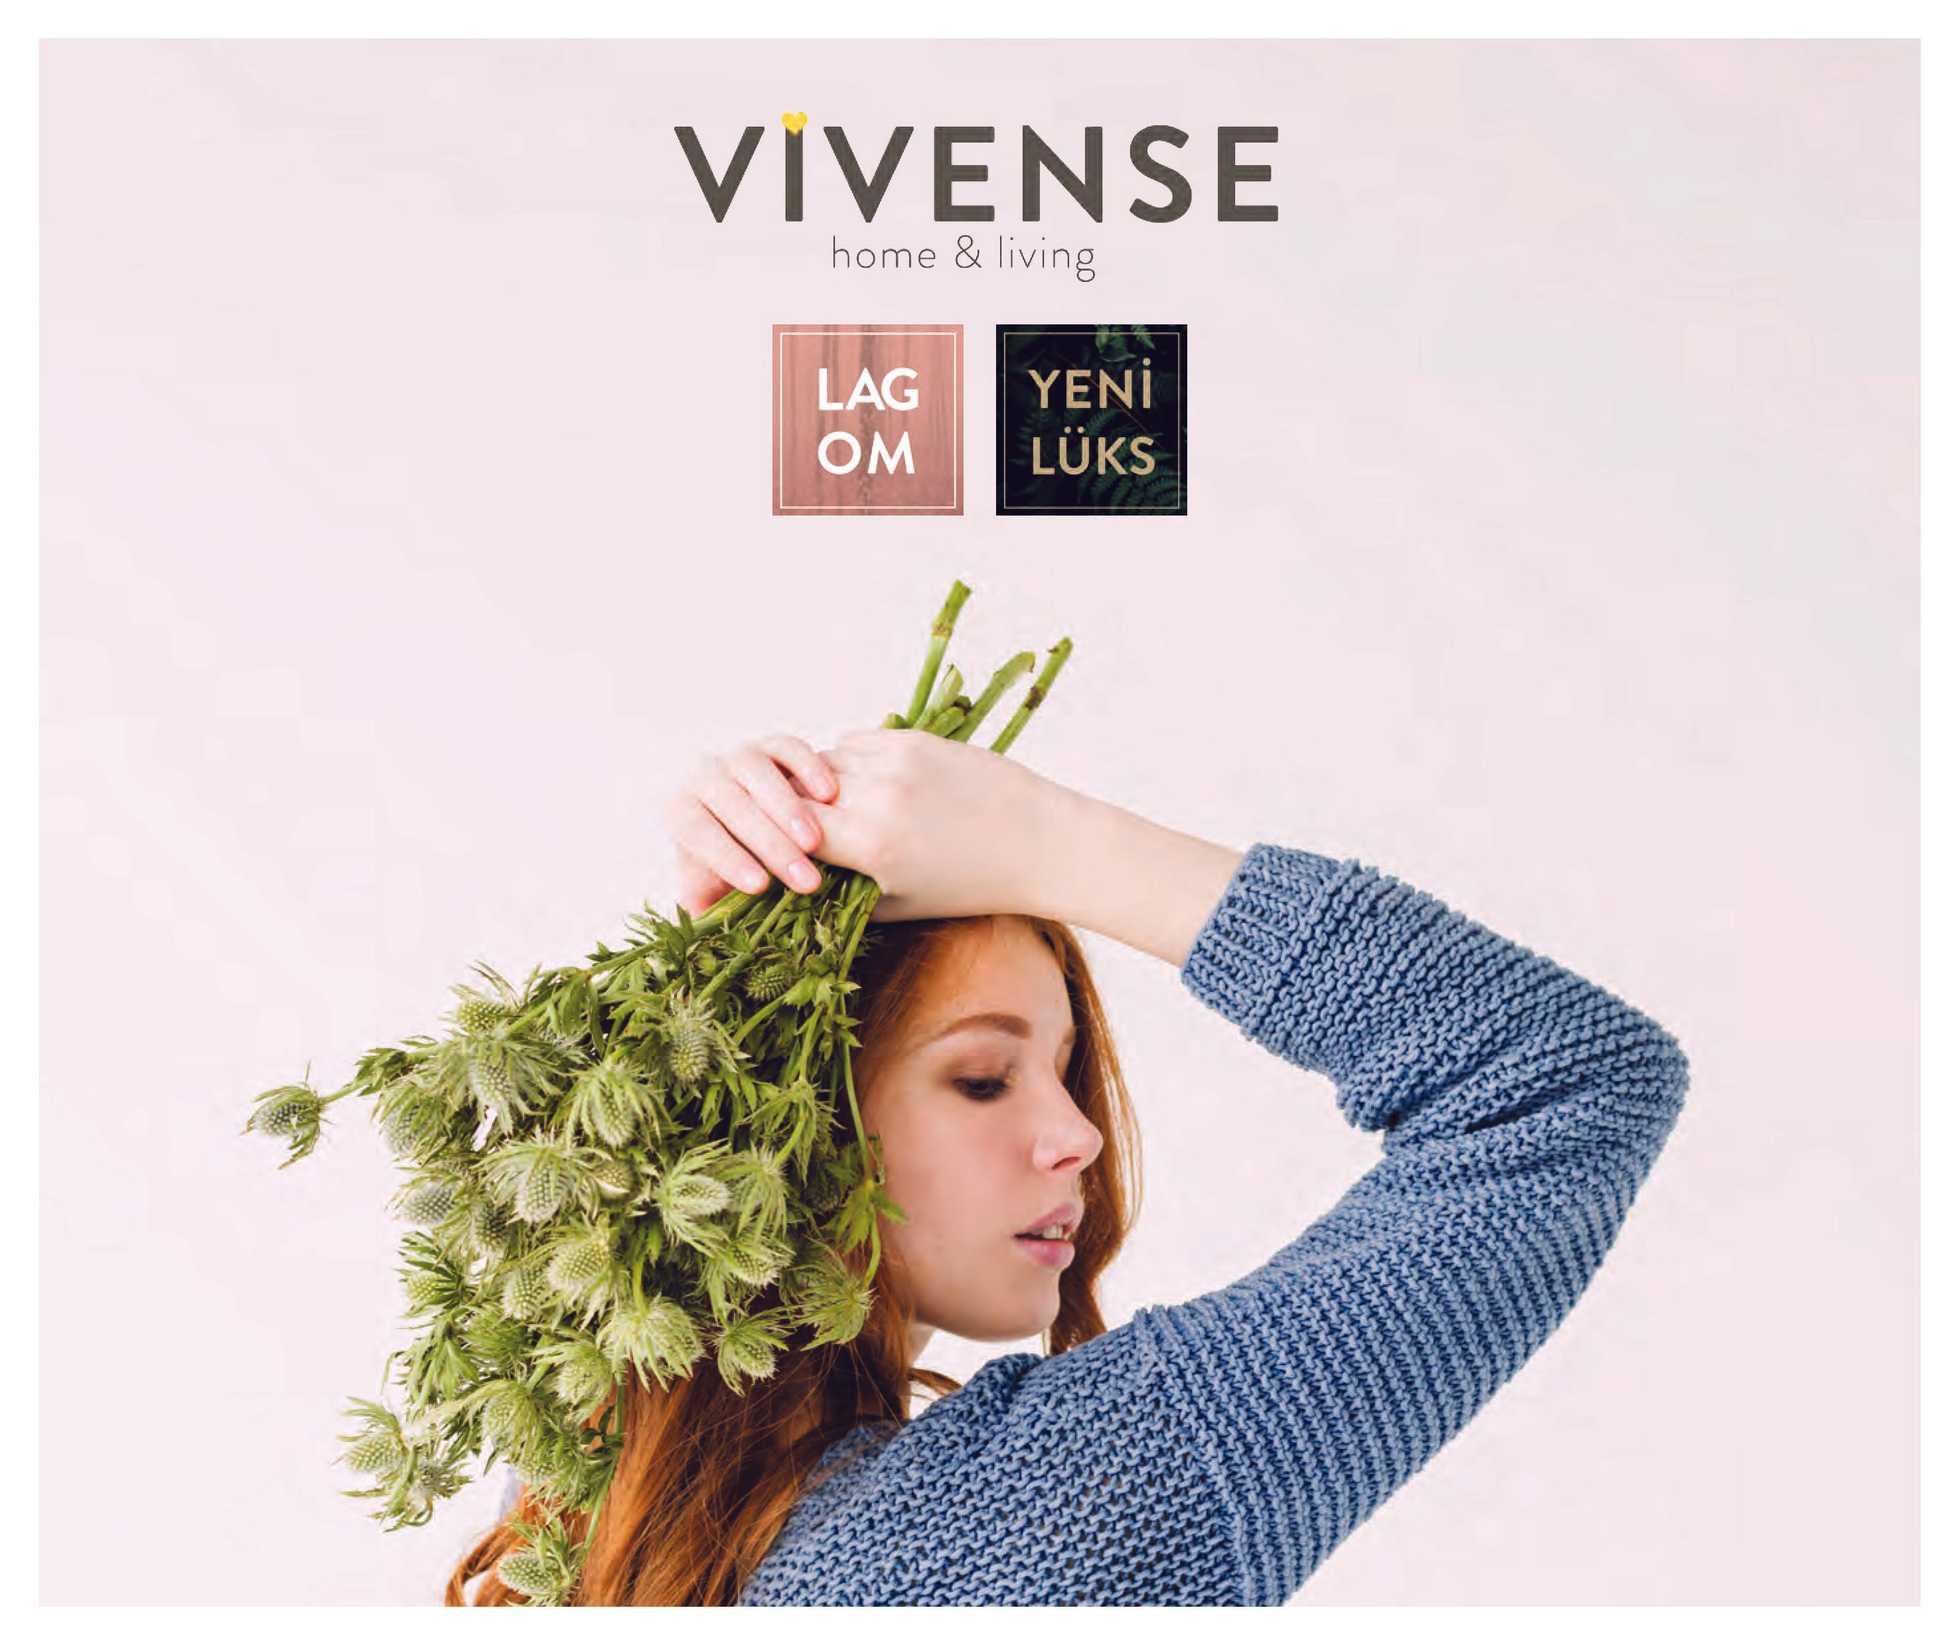 Vivense - indirimler 10.09.2019 tarihinden başlayıp 30.11.2020 - tarihine kadar devam ediyor. Sayfa 1.